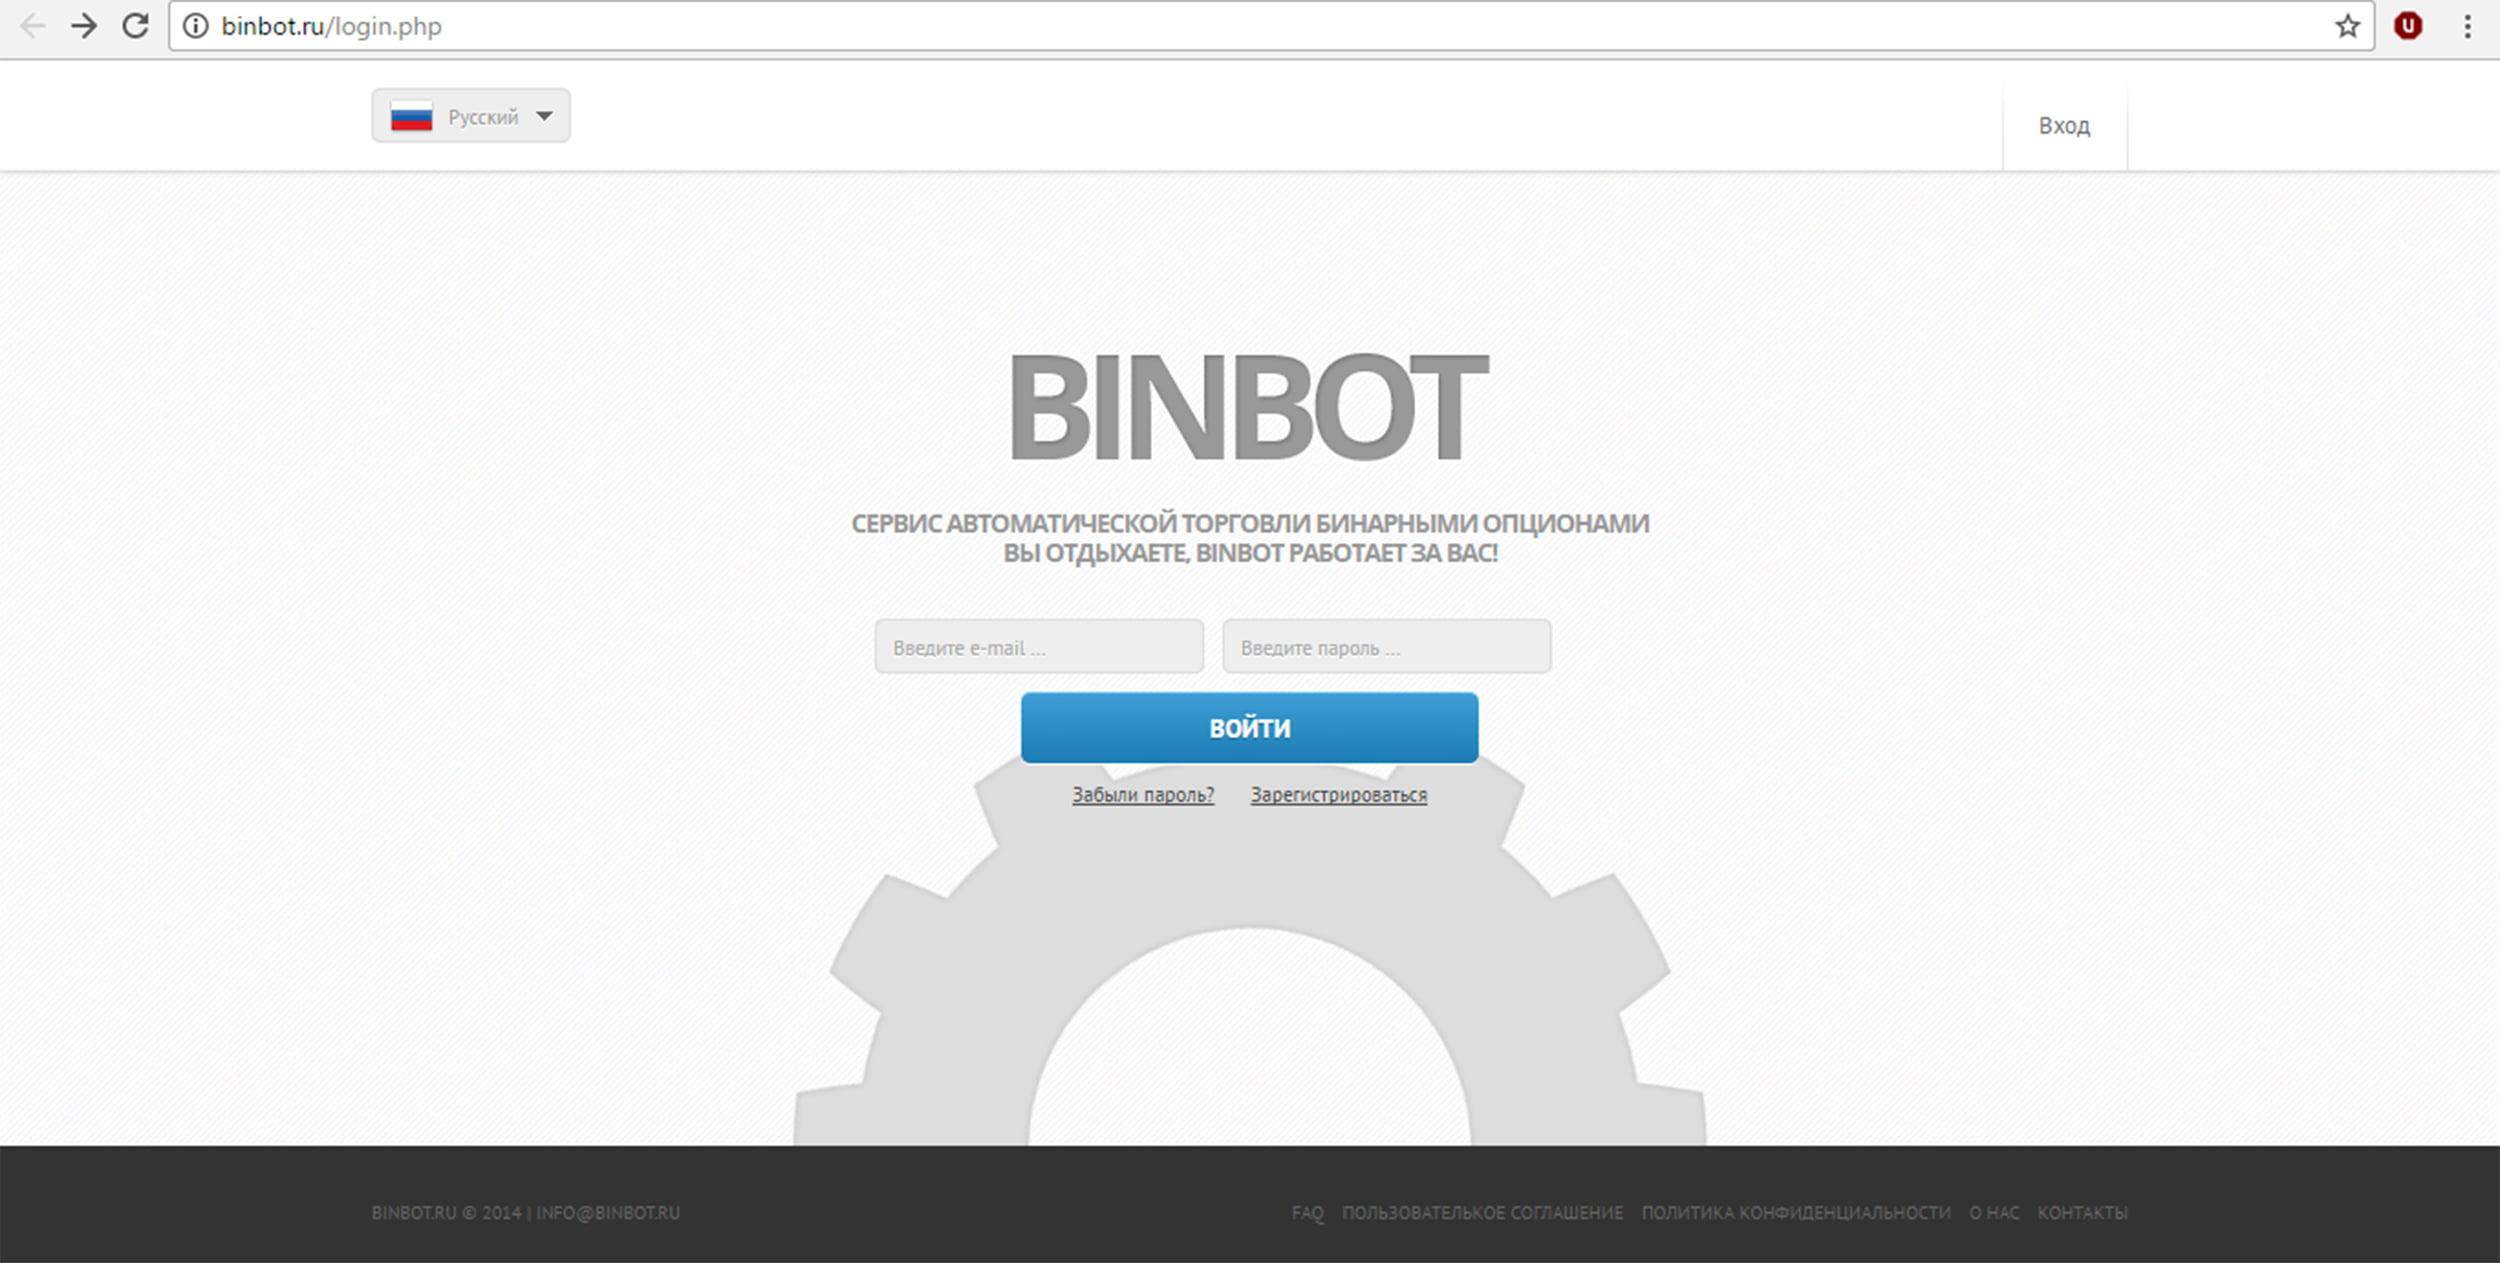 Официальный сайт робота бинарных опционов BinBot